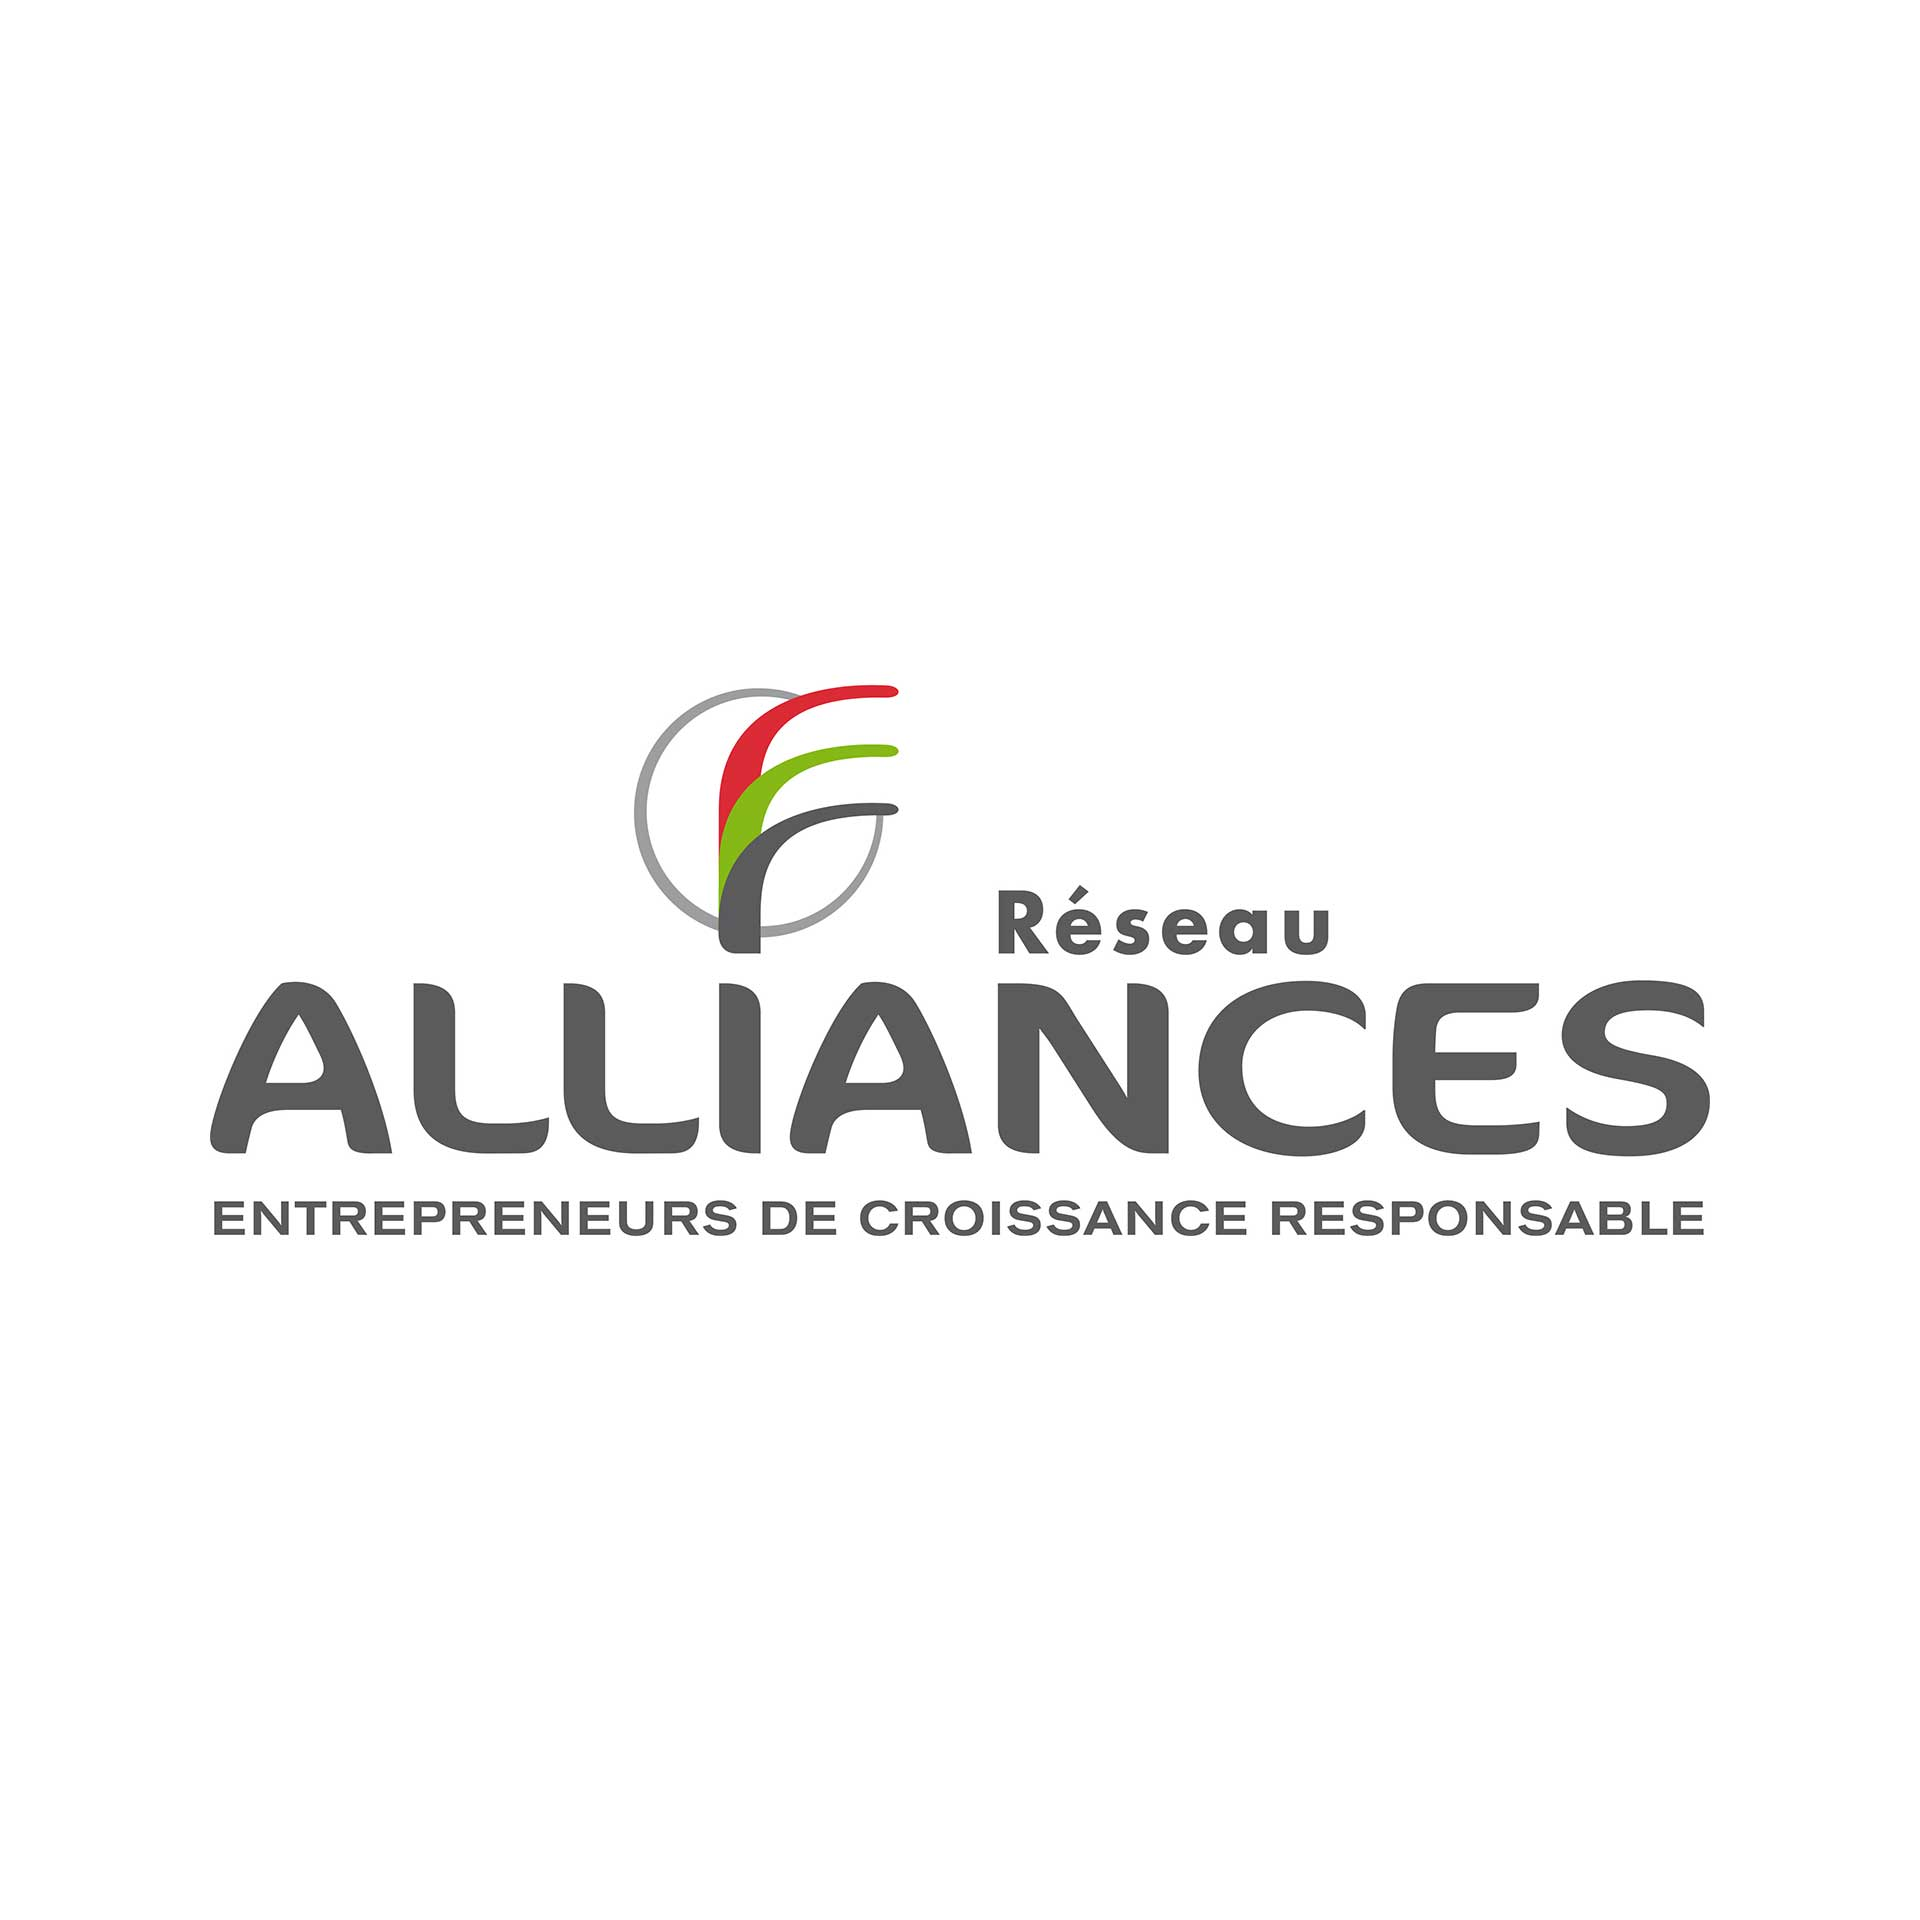 Réseau Alliances